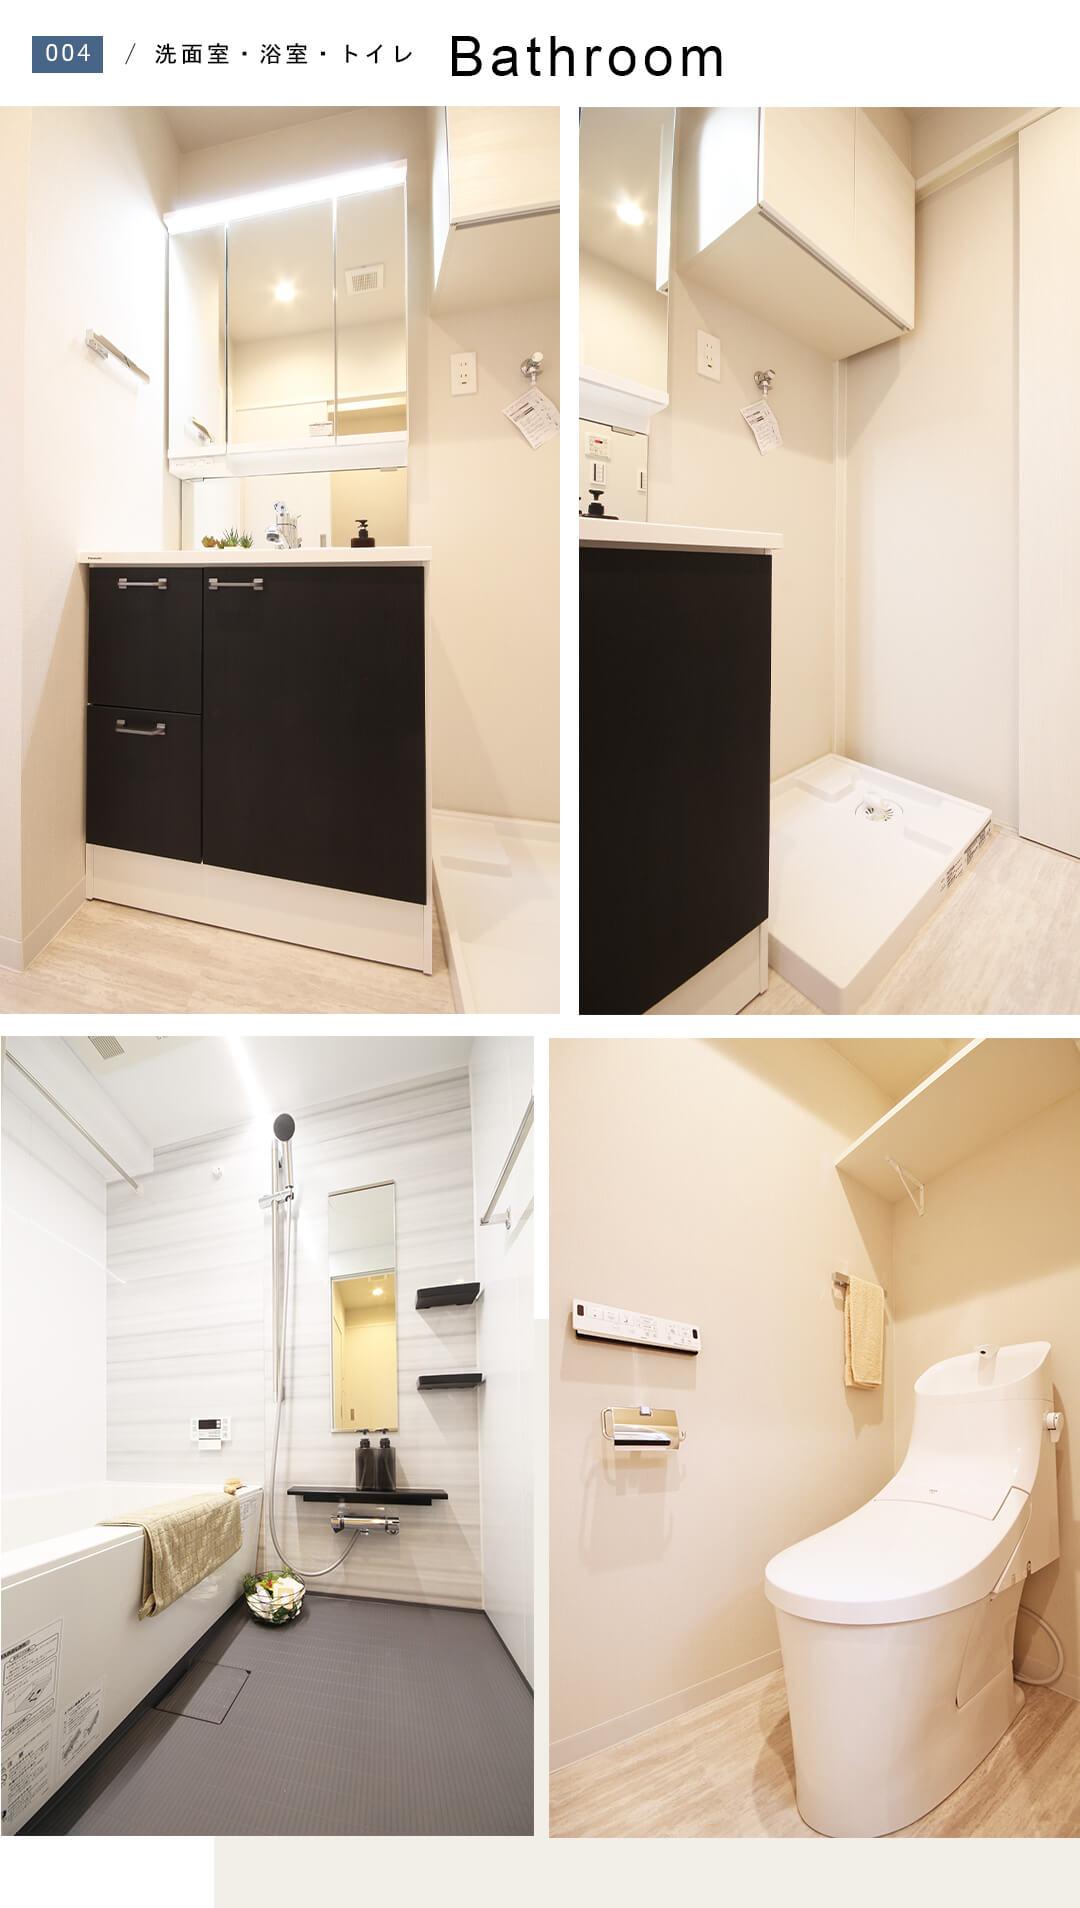 ダイアパレス両国の洗面室と浴室とトイレ